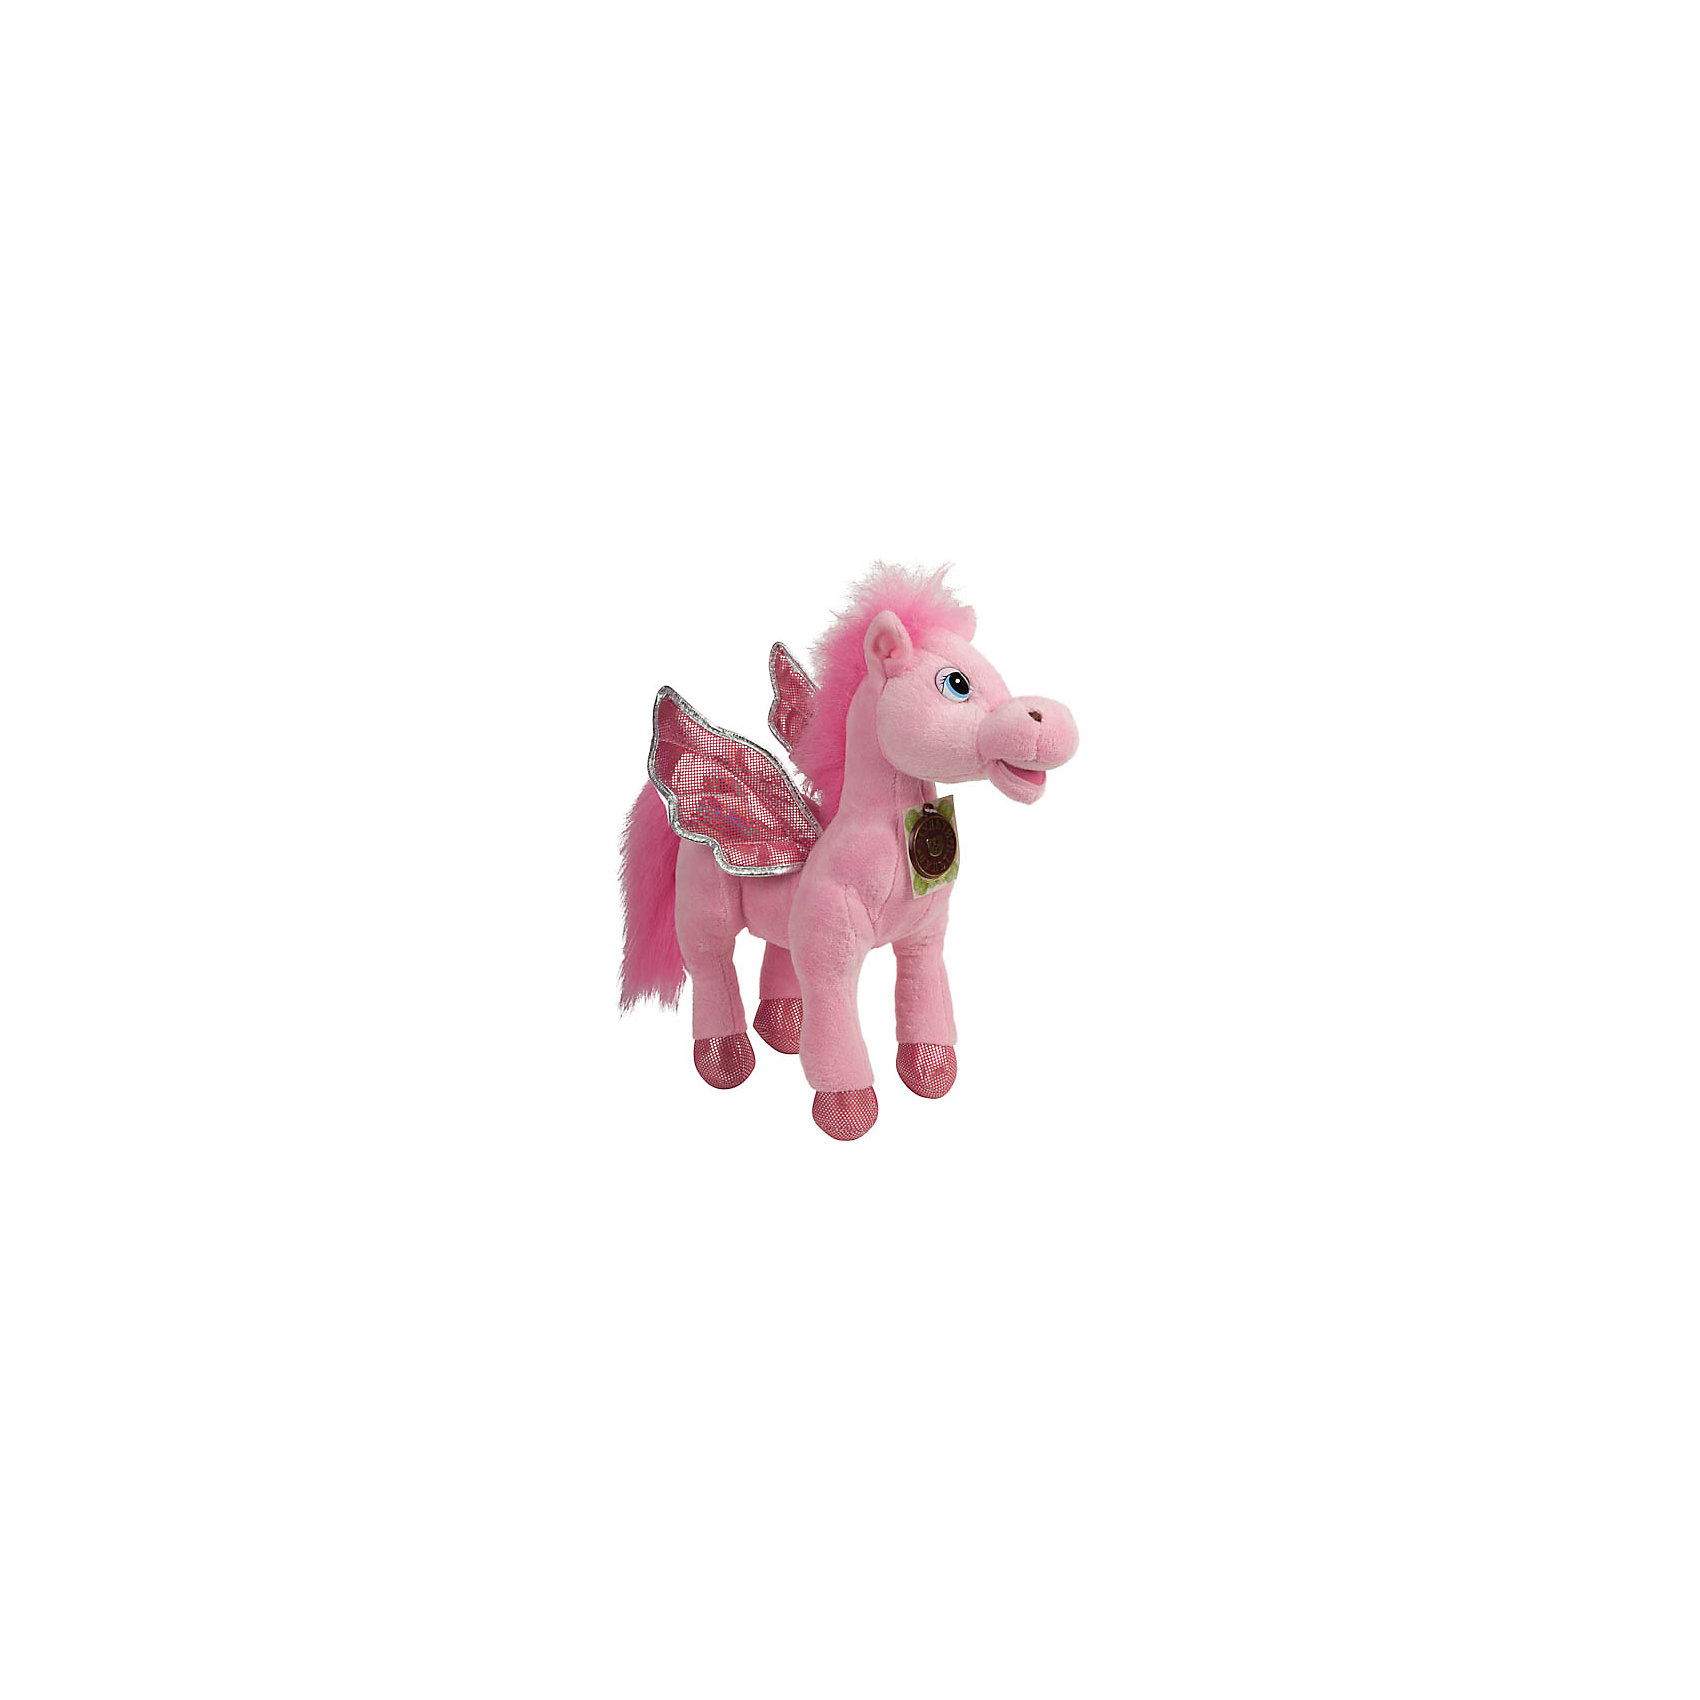 Мягкая игрушка Пони с крыльями, розовая, МУЛЬТИ-ПУЛЬТИОчаровательная мягкая лошадка с крылышками обязательно понравится девочке! Пони расскажет своей хозяйке веселые стихи, споет песенку или просто поговорит. Игрушка выполнена из высококачественных материалов, плотно набита, очень приятна на ощупь. <br><br>Дополнительная информация: <br><br>- Материал: пластик, текстиль, синтепон.<br>- Размер: 25 см.<br>- 3 фразы, 4 стишка, 2 песенки.<br>- Элемент питания: батарейки (в комплекте).<br><br>Мягкую игрушку Пони с крыльями, МУЛЬТИ-ПУЛЬТИ можно купить в нашем магазине.<br><br>Ширина мм: 300<br>Глубина мм: 260<br>Высота мм: 100<br>Вес г: 420<br>Возраст от месяцев: 36<br>Возраст до месяцев: 120<br>Пол: Женский<br>Возраст: Детский<br>SKU: 4850049